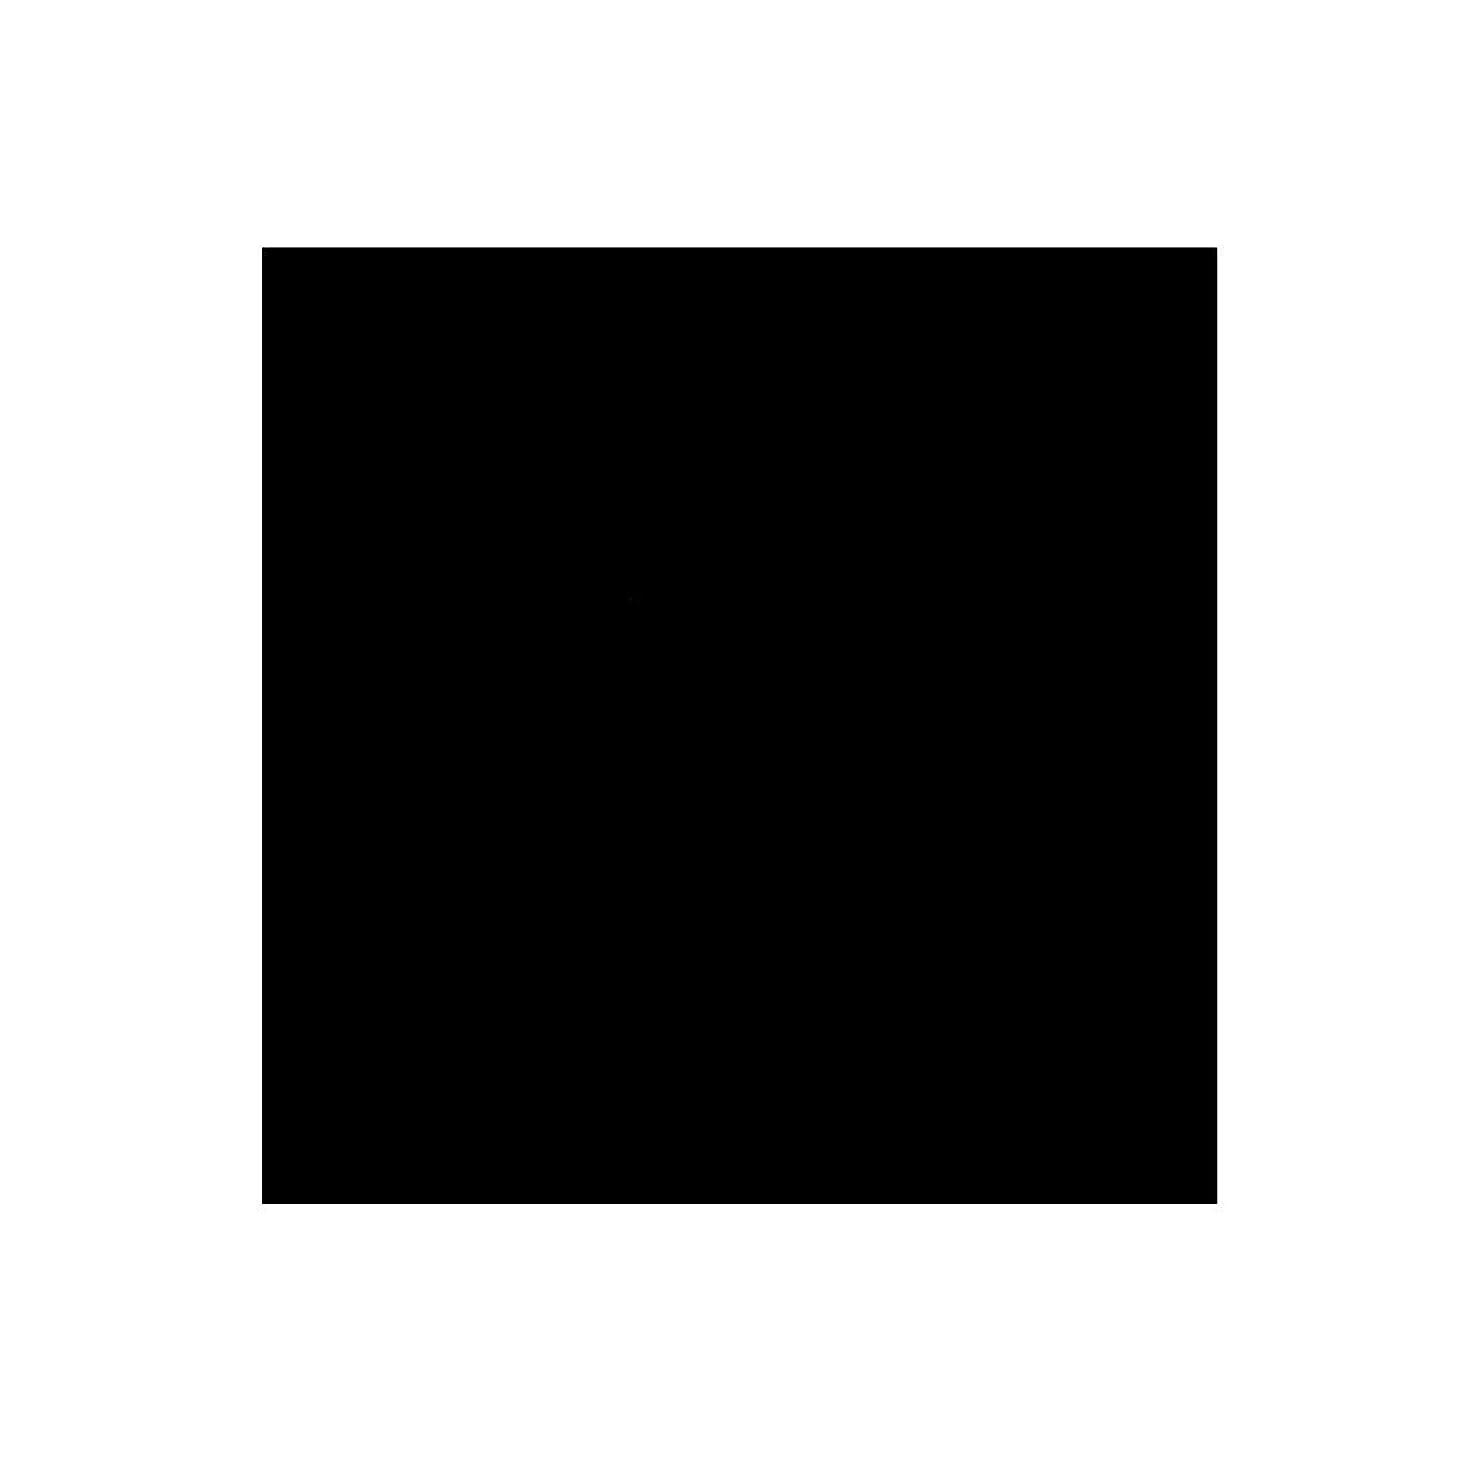 抵抗シングルシート杉田エース 天然ゴムシート板 NR-30 100mm×100mm×厚10mm 1枚